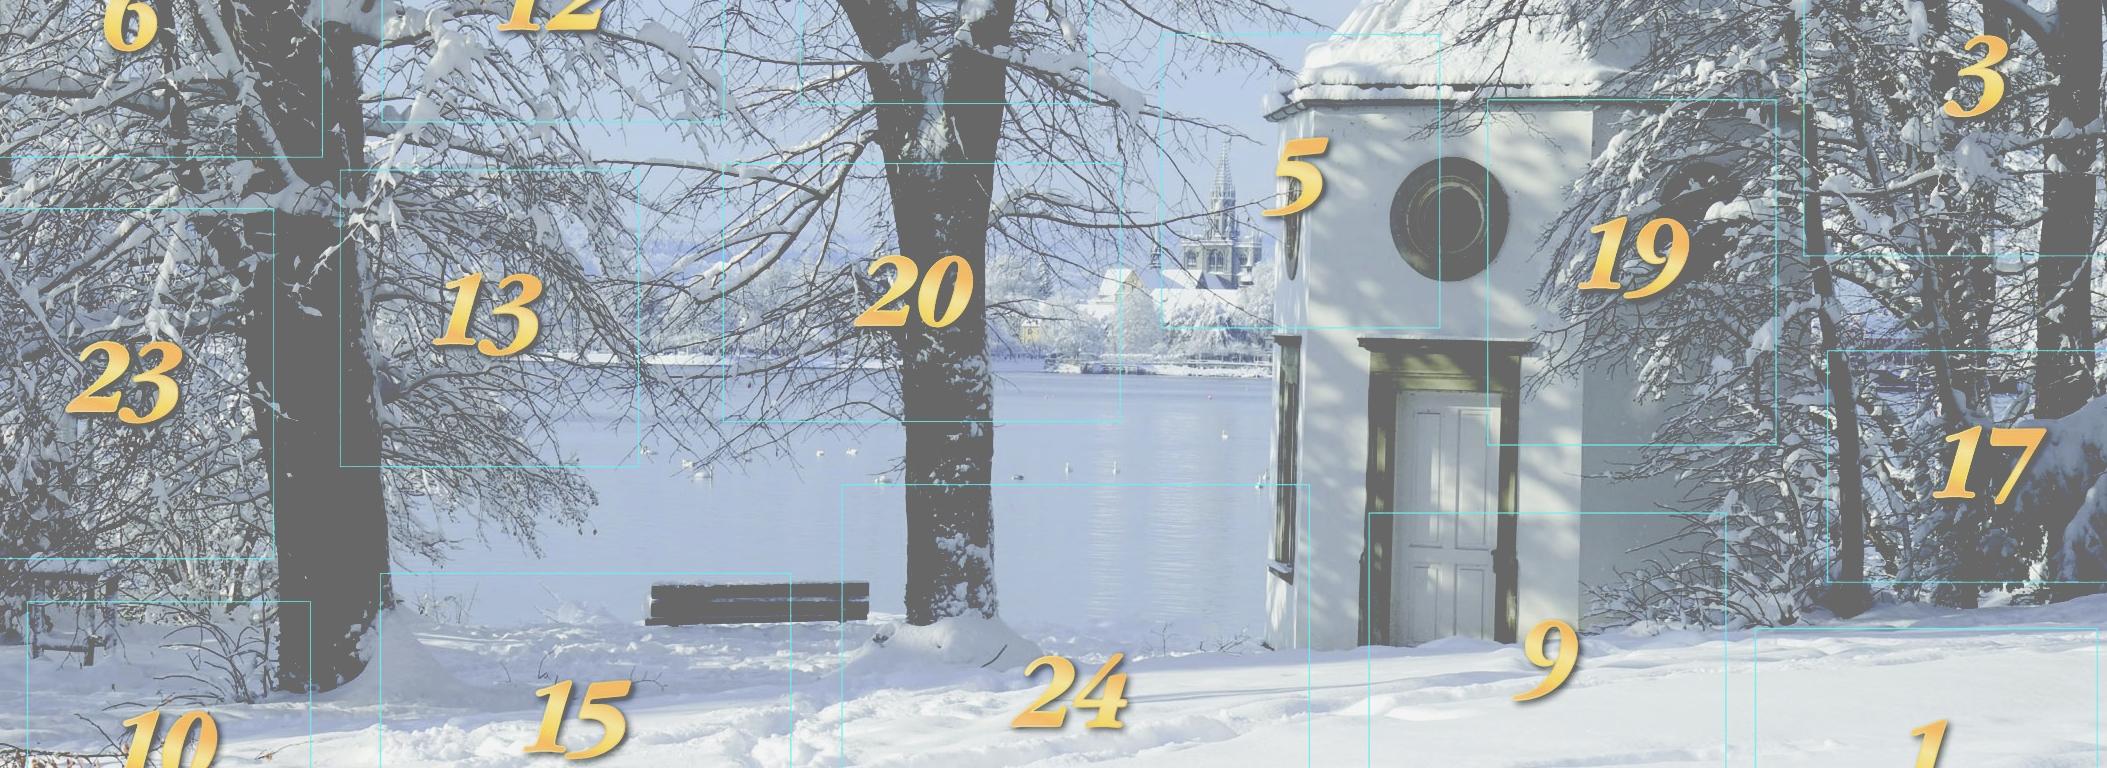 Konstanzer Adventskalender 2021 Unsere 20. Ausgabe - das Jubiläum!